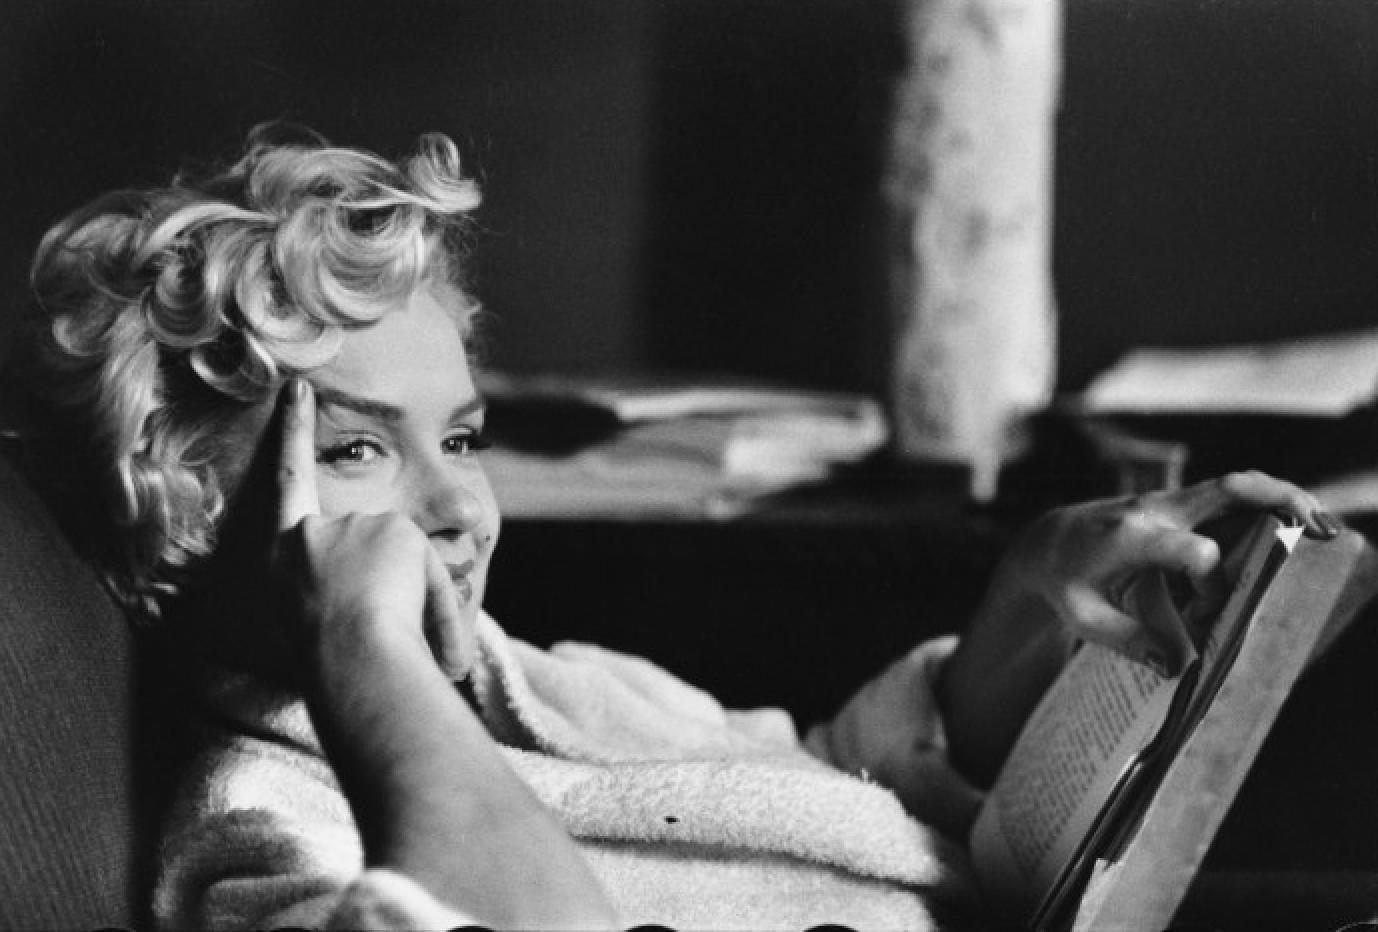 Icone. Da Marilyn Monroe a Che Guevara, a Roma tutto il mondo del grande Elliott Erwitt